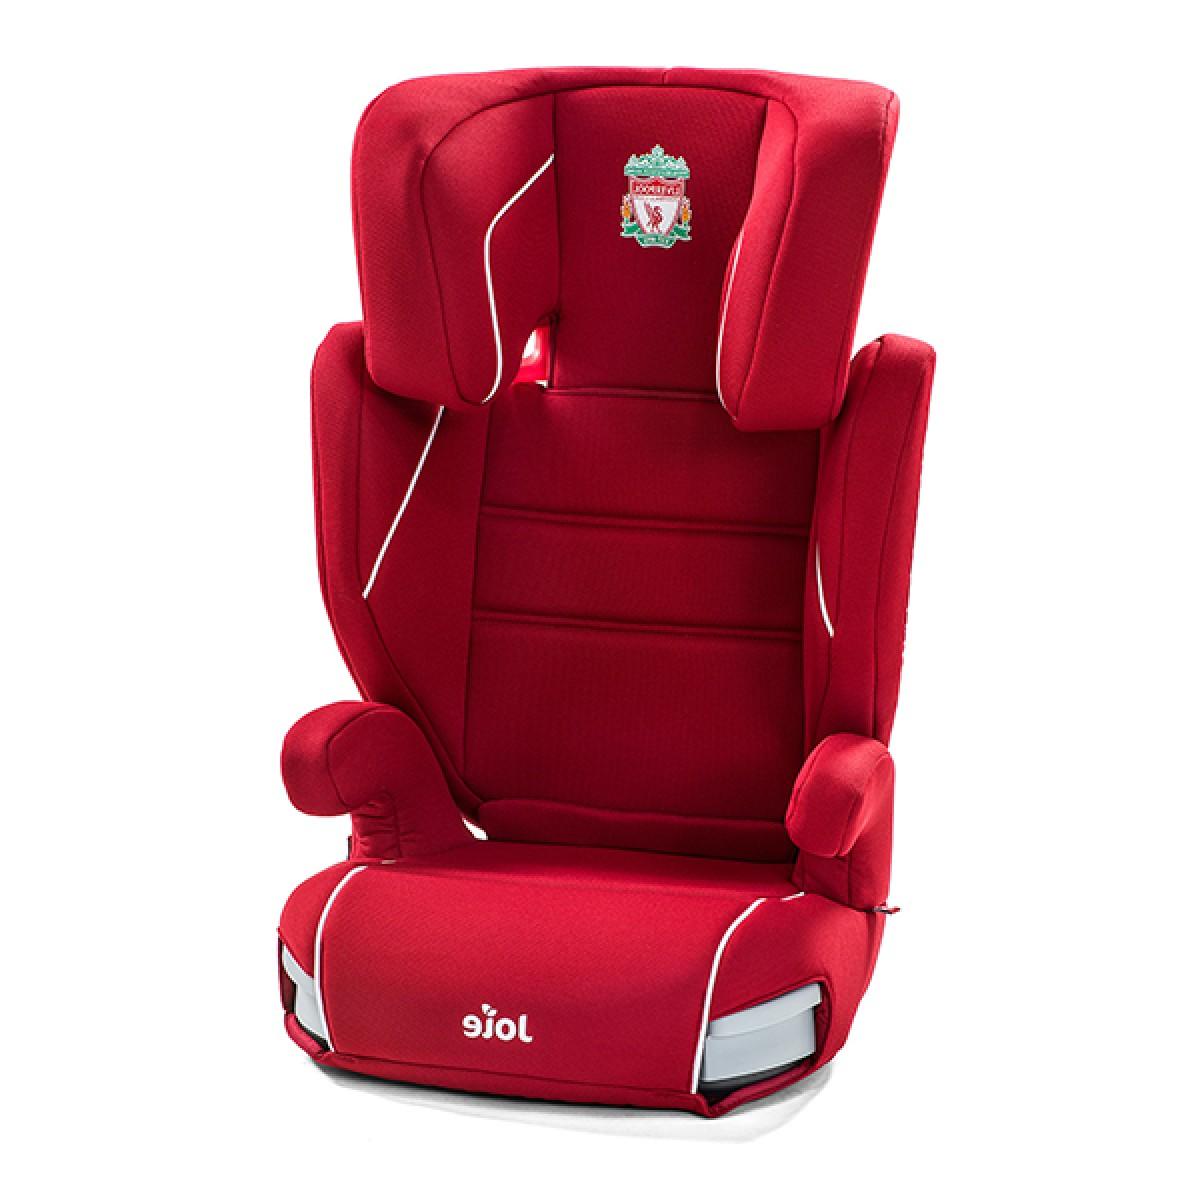 Trillo LFC Red Crest - Kico Baby Center